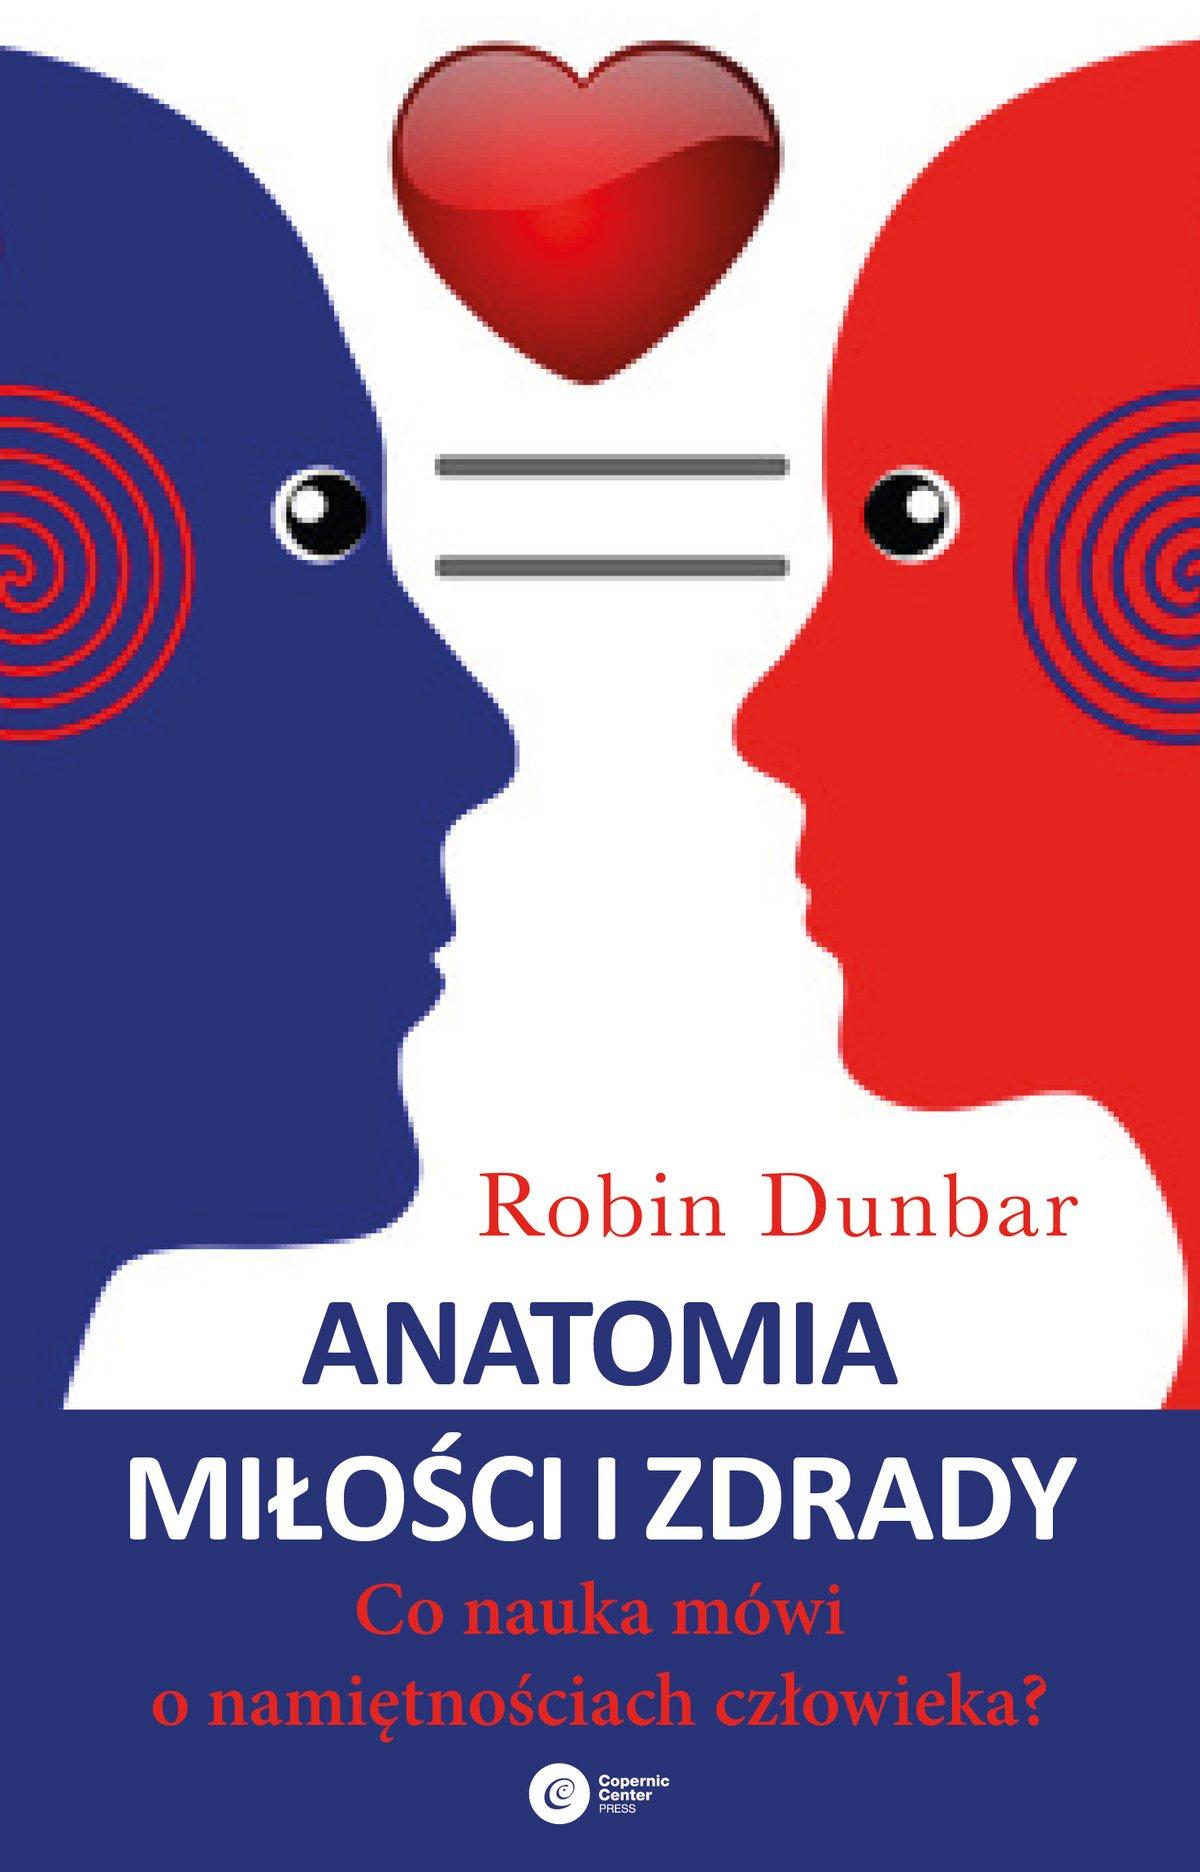 Anatomia miłości i zdrady - Ebook (Książka EPUB) do pobrania w formacie EPUB